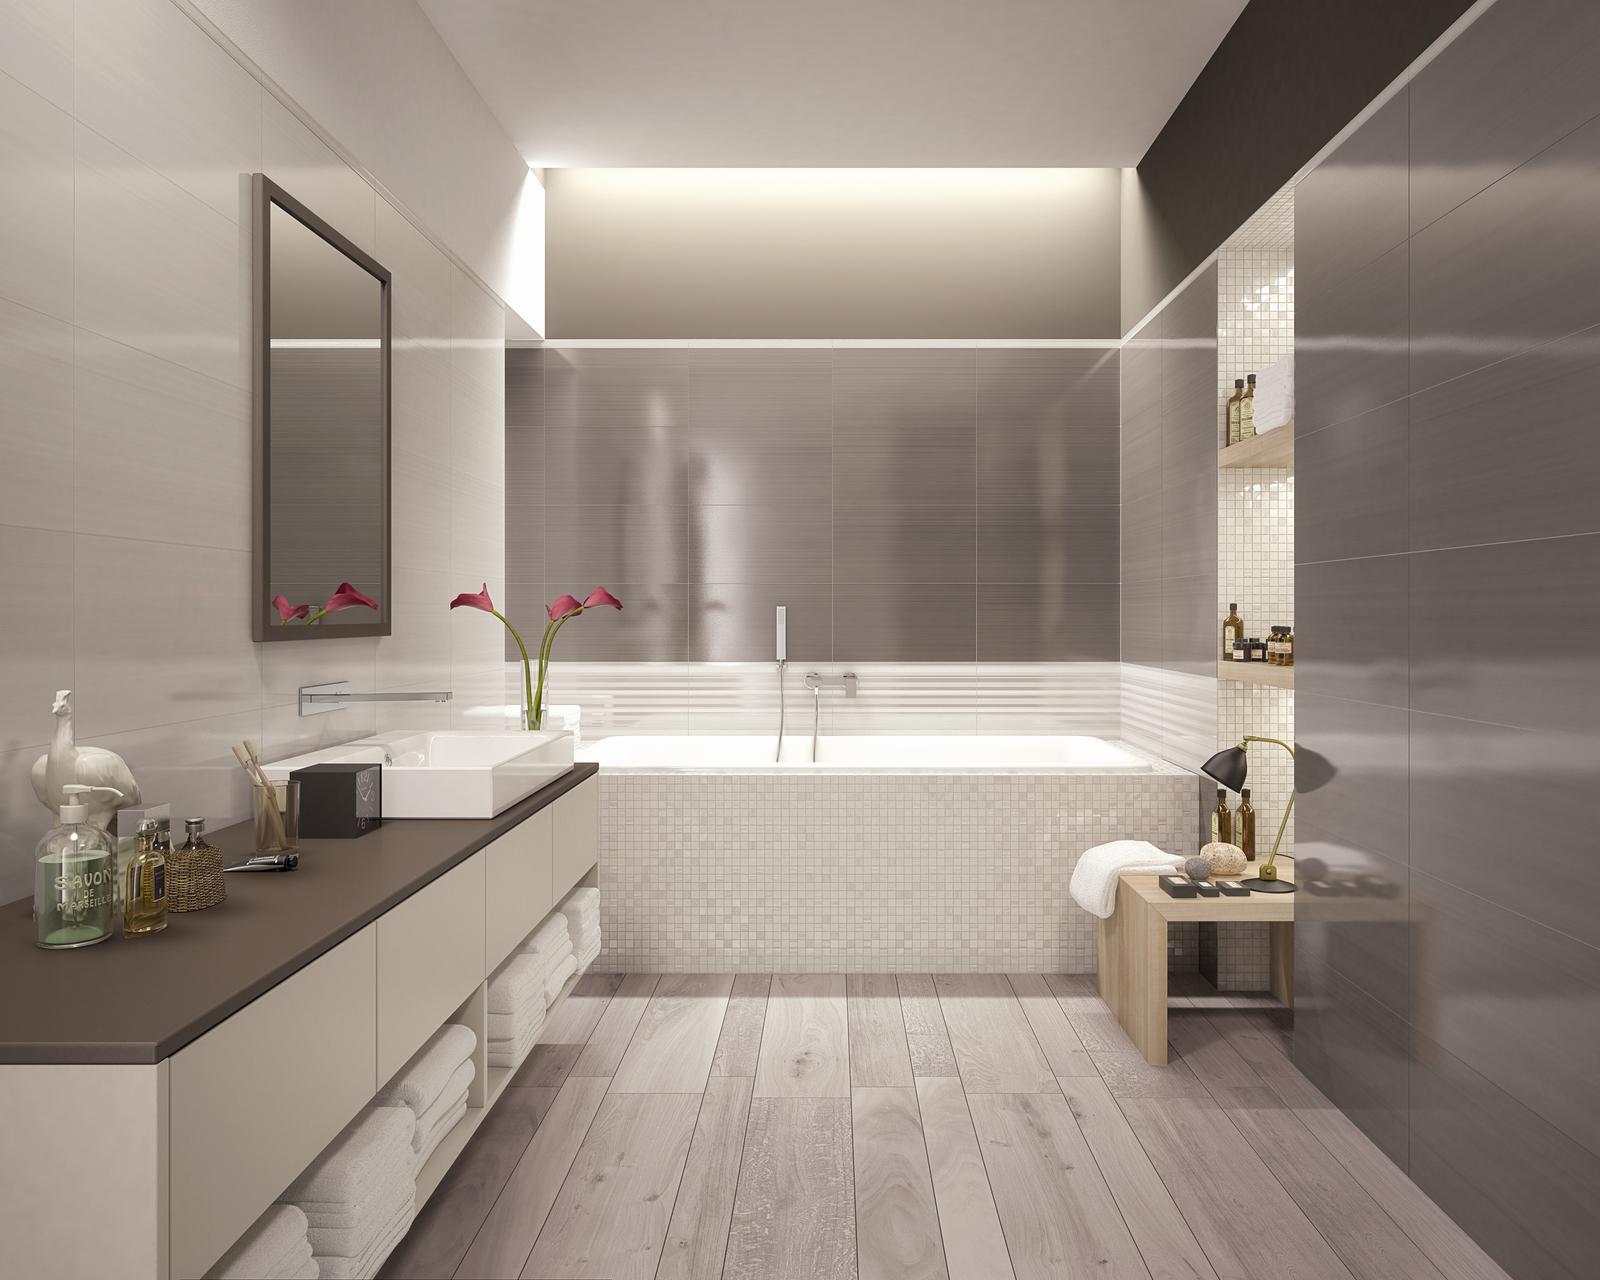 Kúpeľňové obklady v obľúbených béžových farbách - GREY